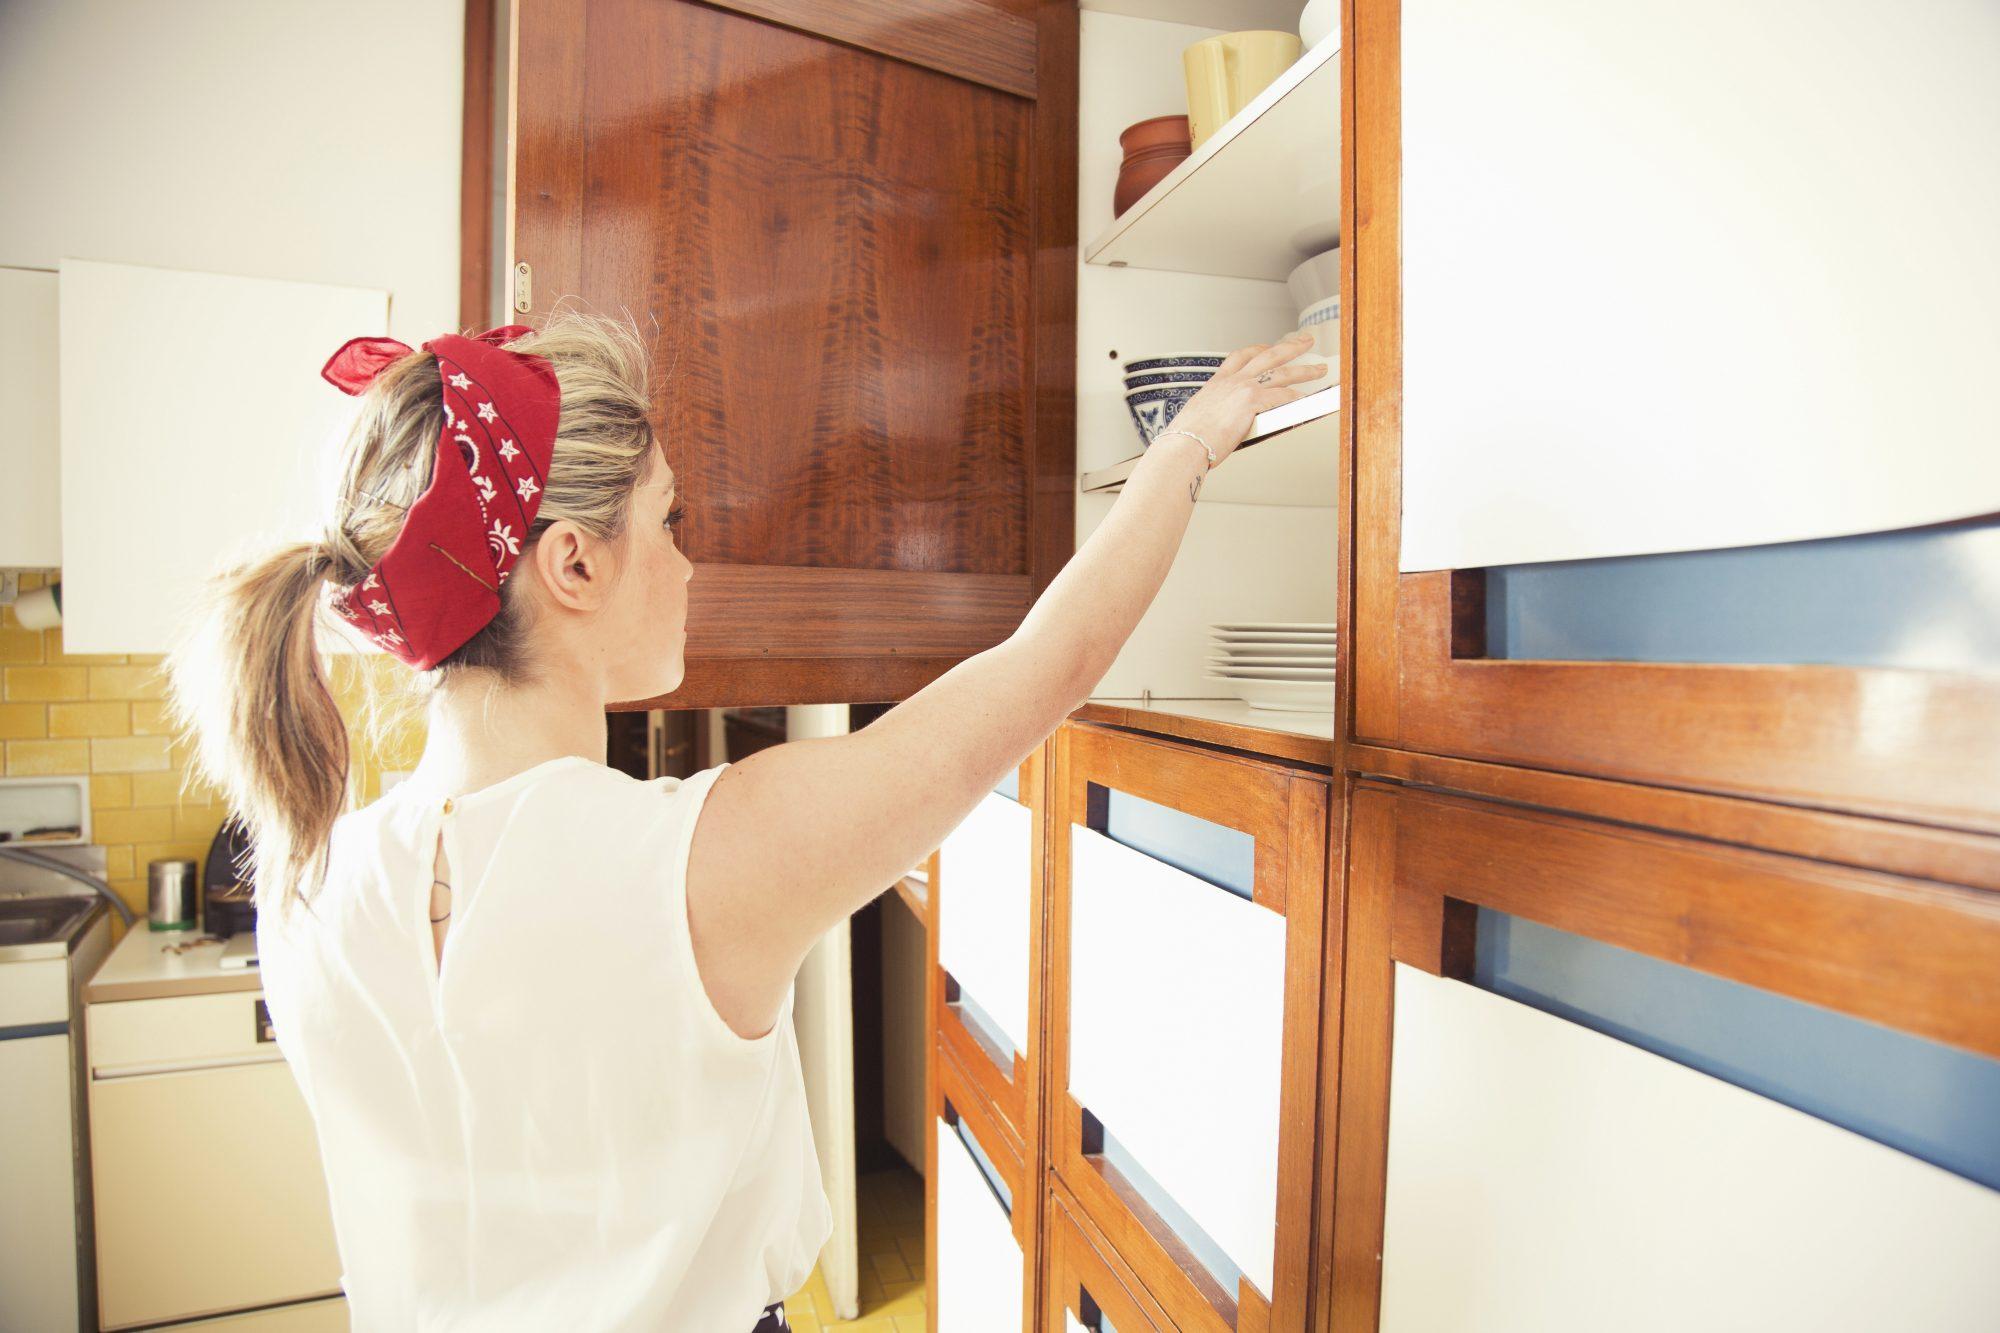 getty-kitchen-cabinet-image